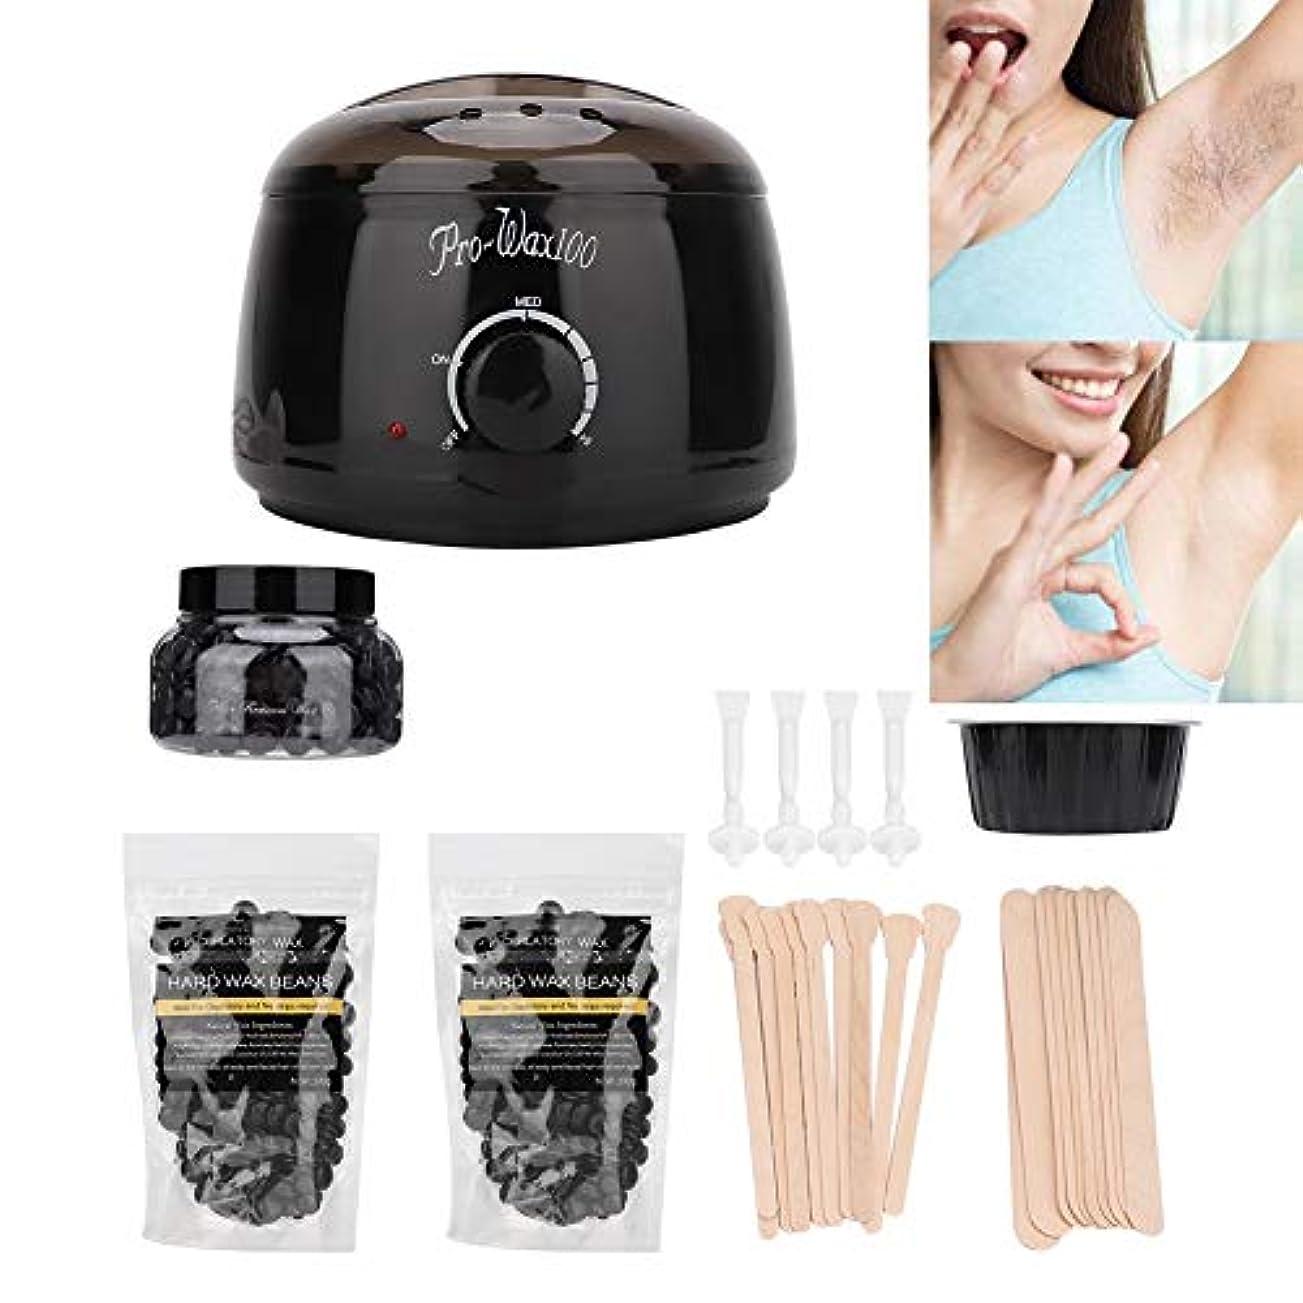 キー食器棚ミュートワックスヒーターセットホームワックスキットワックス豆暖かいマシン用女性美容痛みのない脱毛(US)